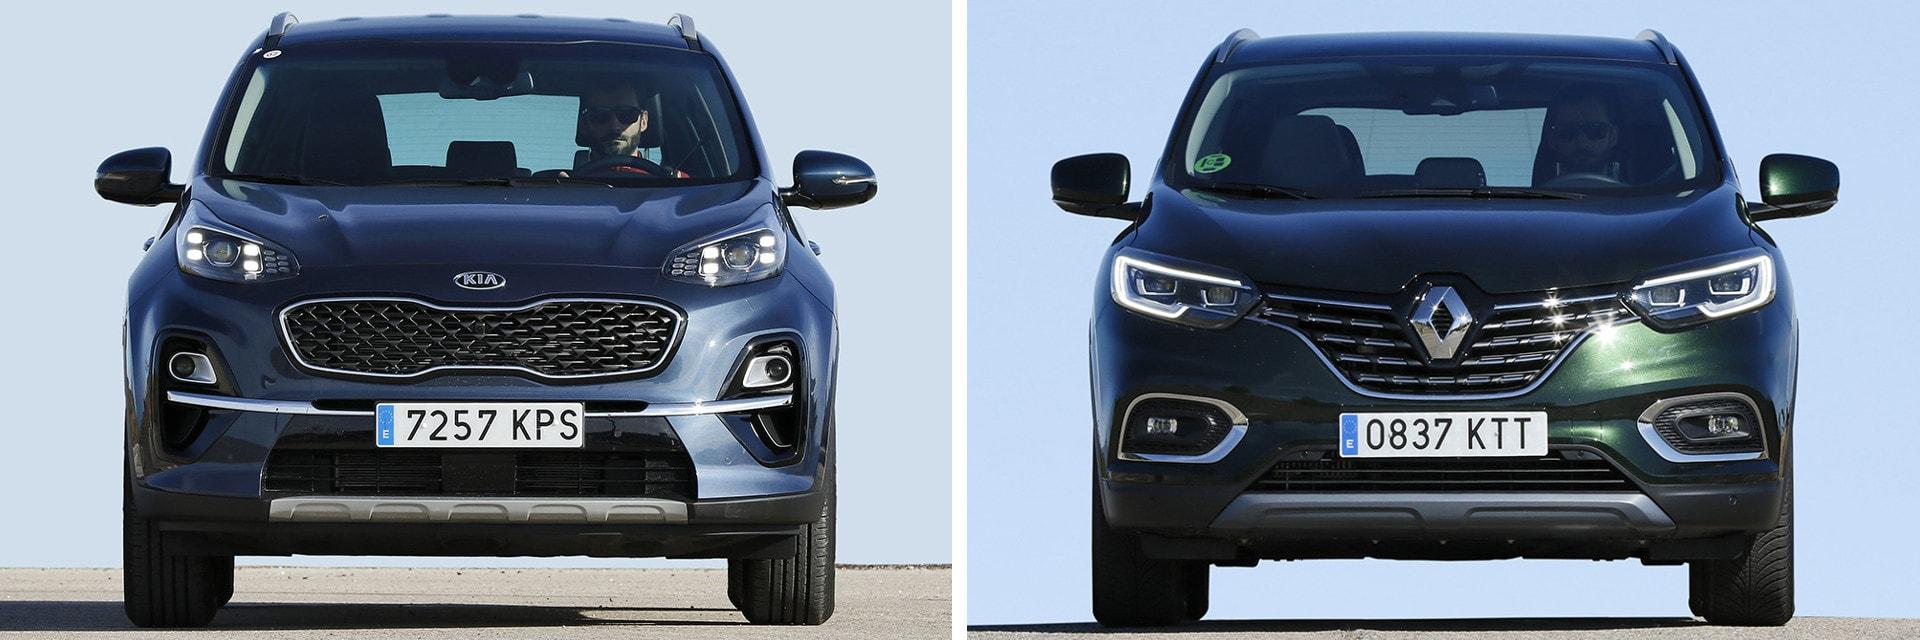 El Kadjar (dcha.) es un vehículo ligeramente más silencioso y cómodo de suspensión que el Sportage (izq.) / km77